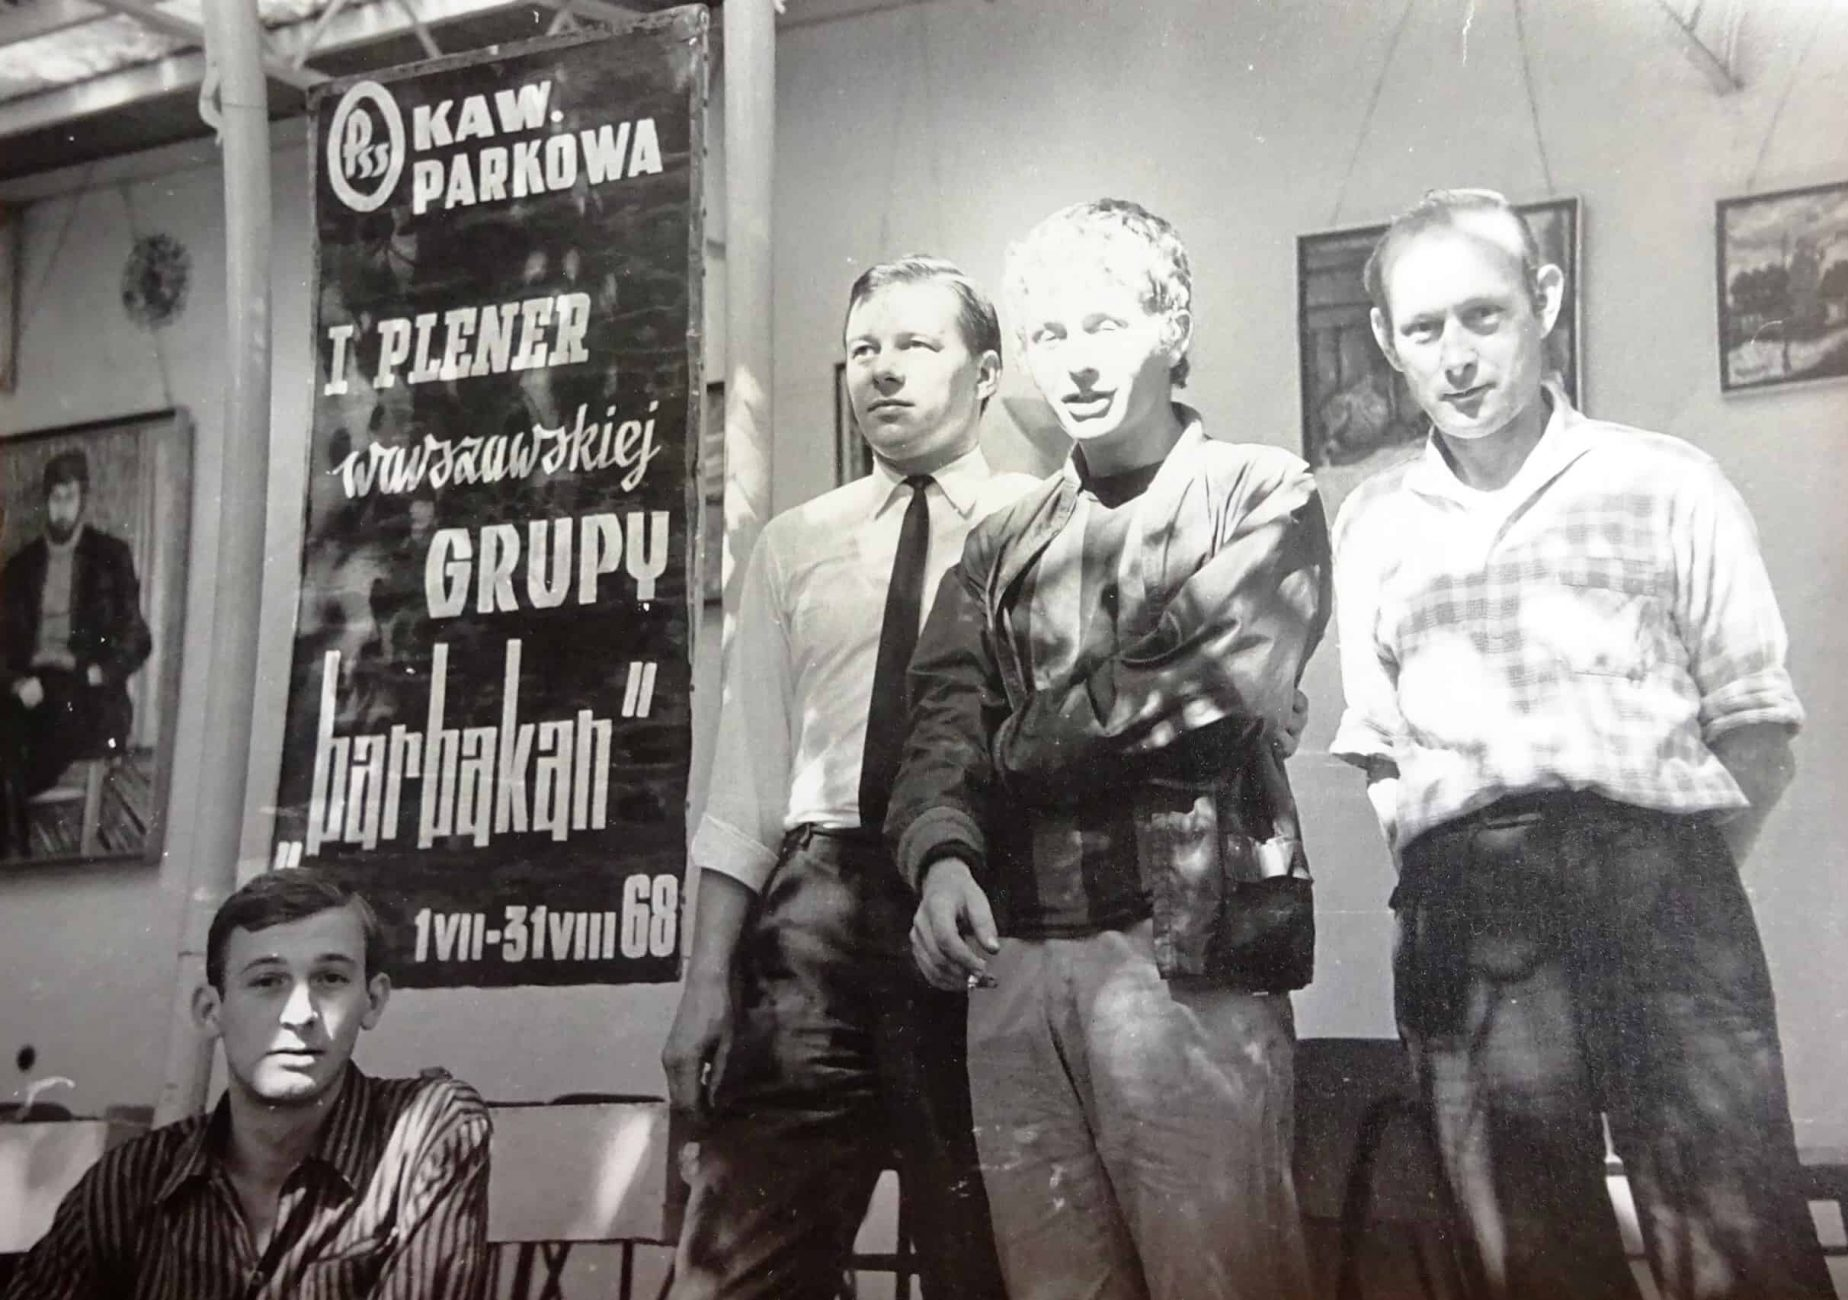 wernisaż grupy Barbakan w kawiarni Parkowa 1968 r. Drugi od prawej Marek Kotliński – Rao, pozostali to pracownicy kawiarni.